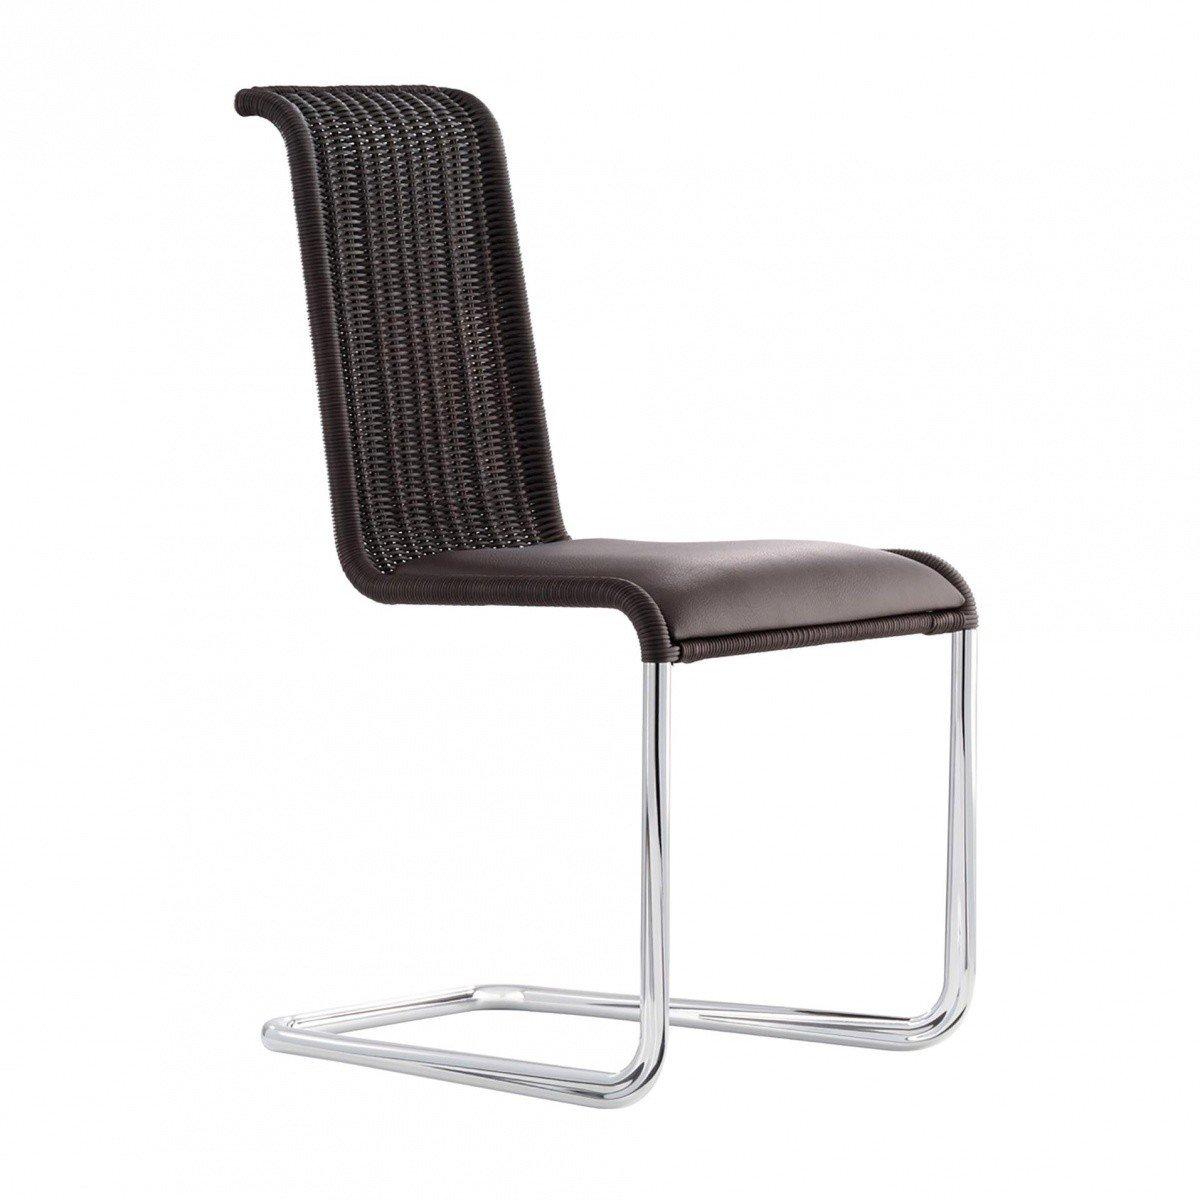 TECTA   B20i Freischwinger Stuhl Mit Sitzpolster    Schwarzbraun/TECTA Geflecht/Polster: